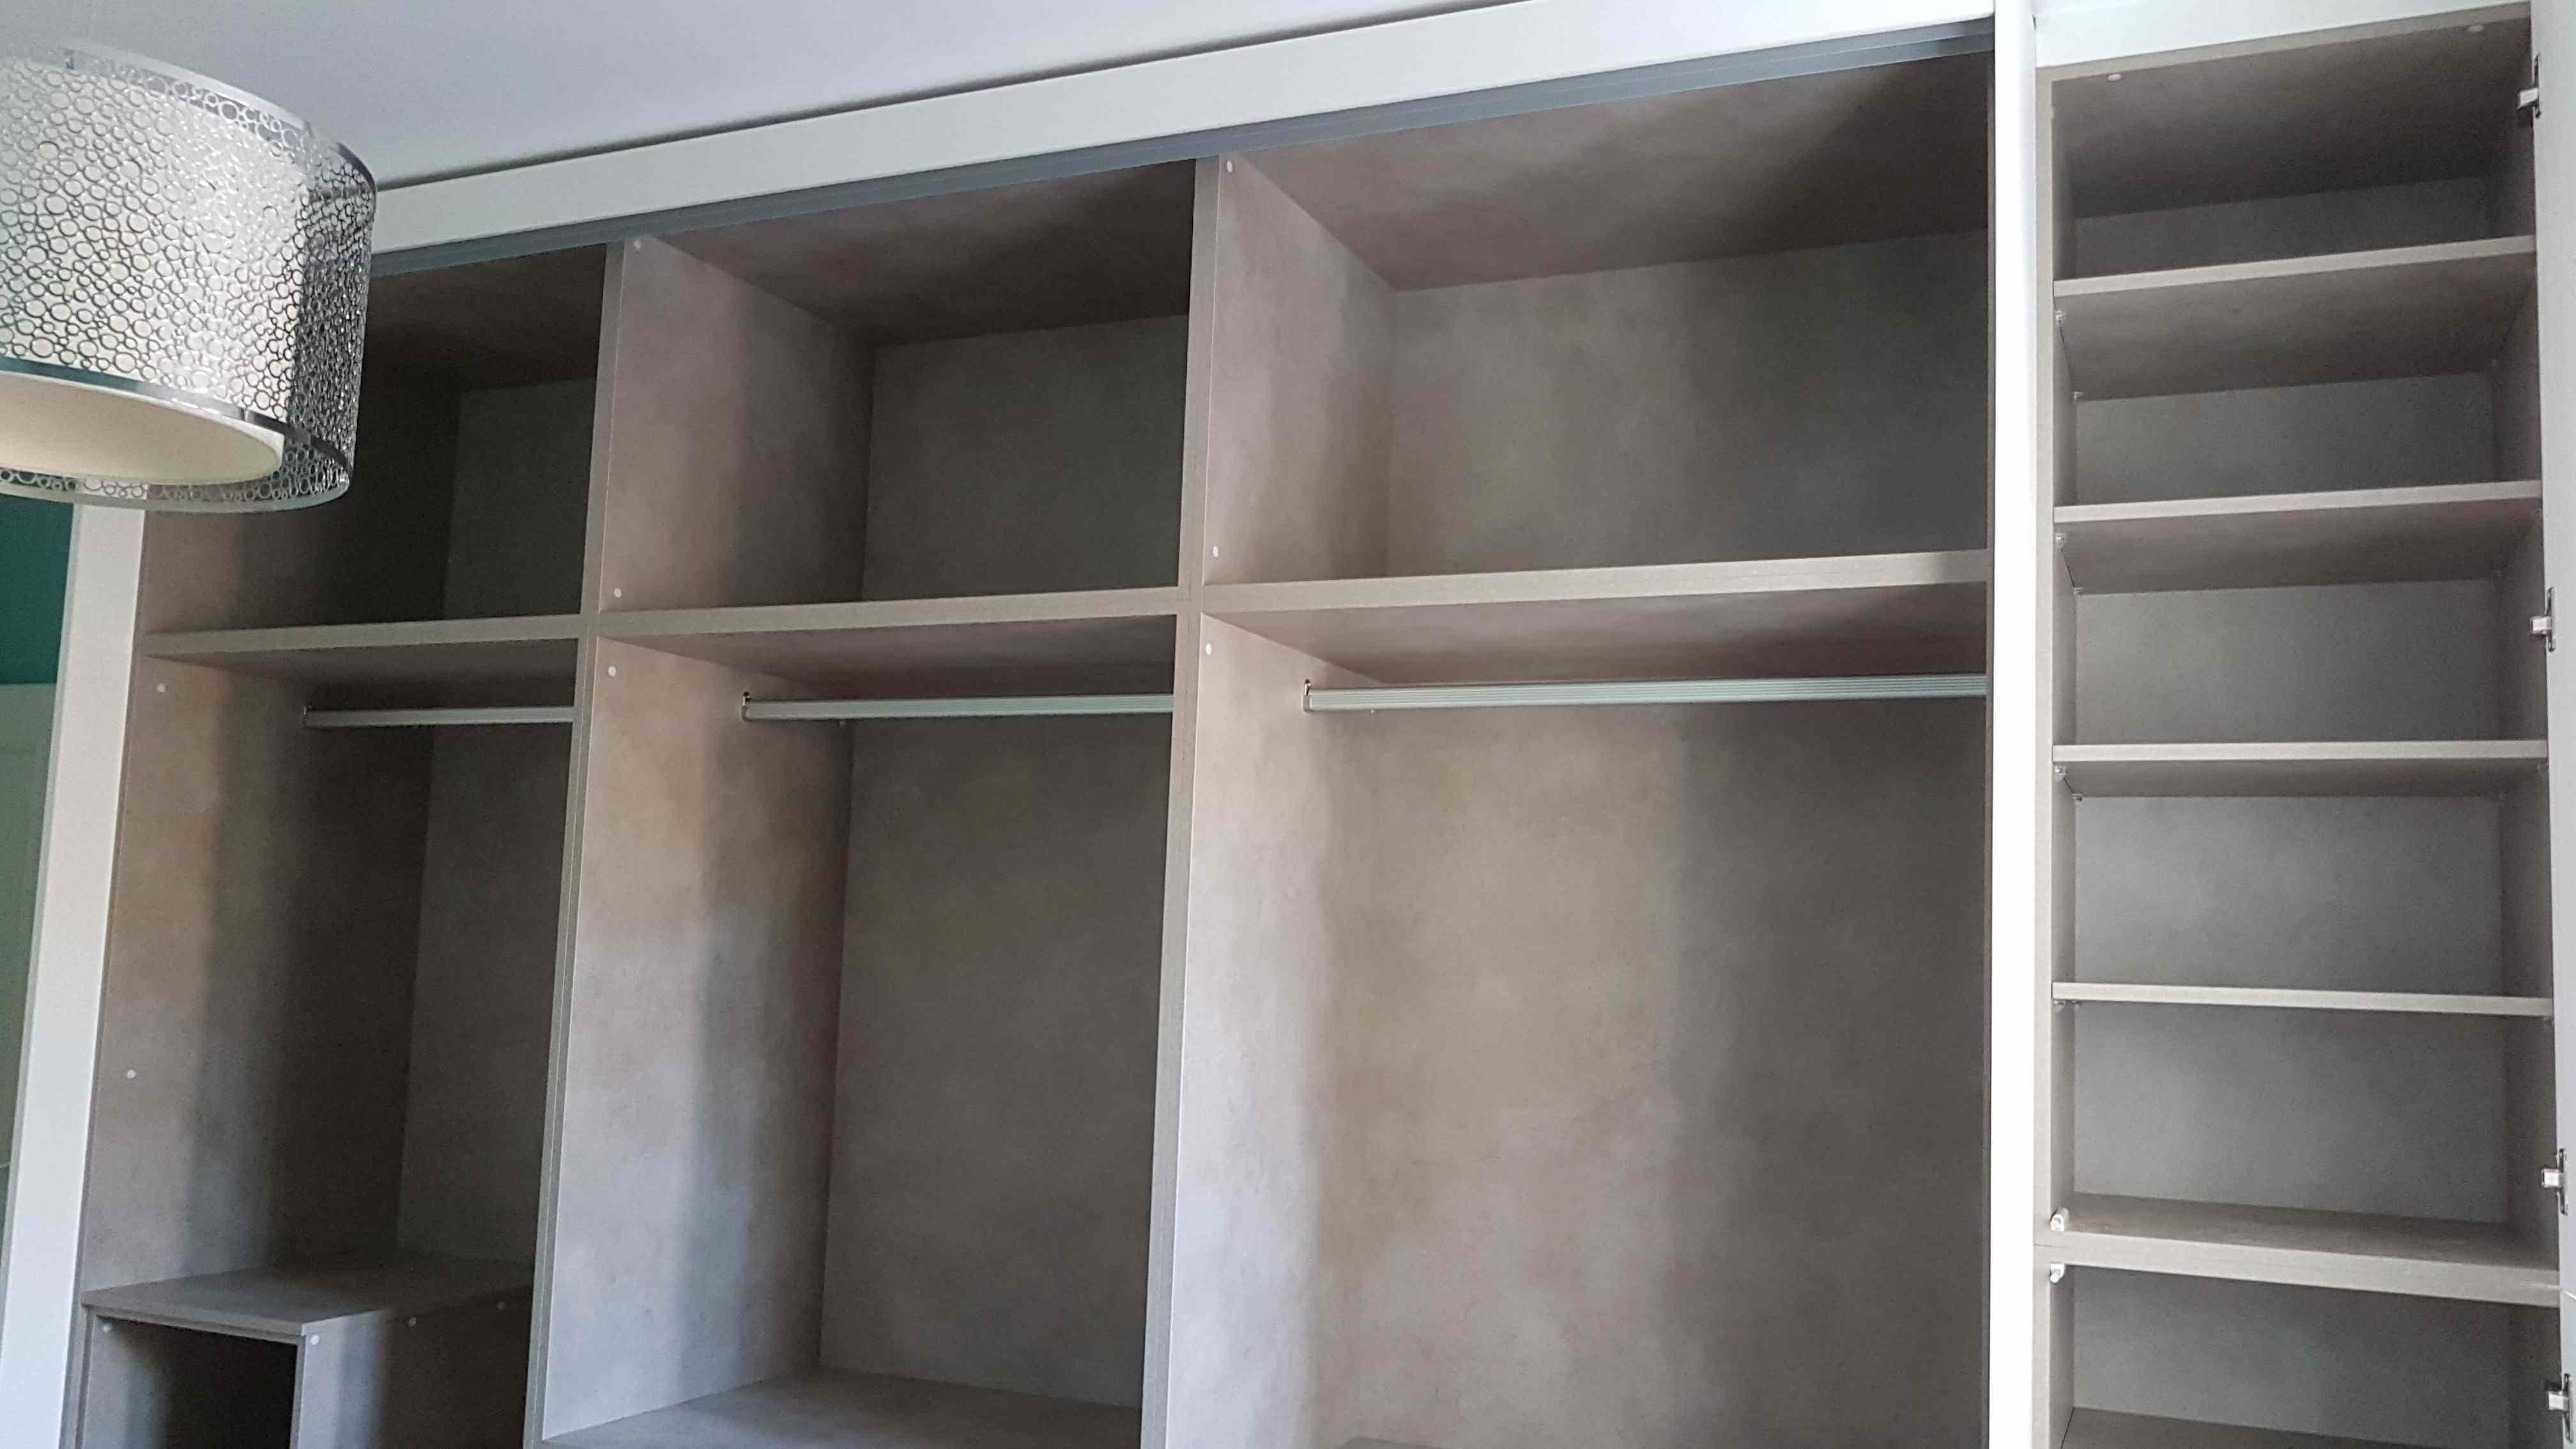 Carpinter a familia murcia armario de puertas correderas for Zapatero interior armario